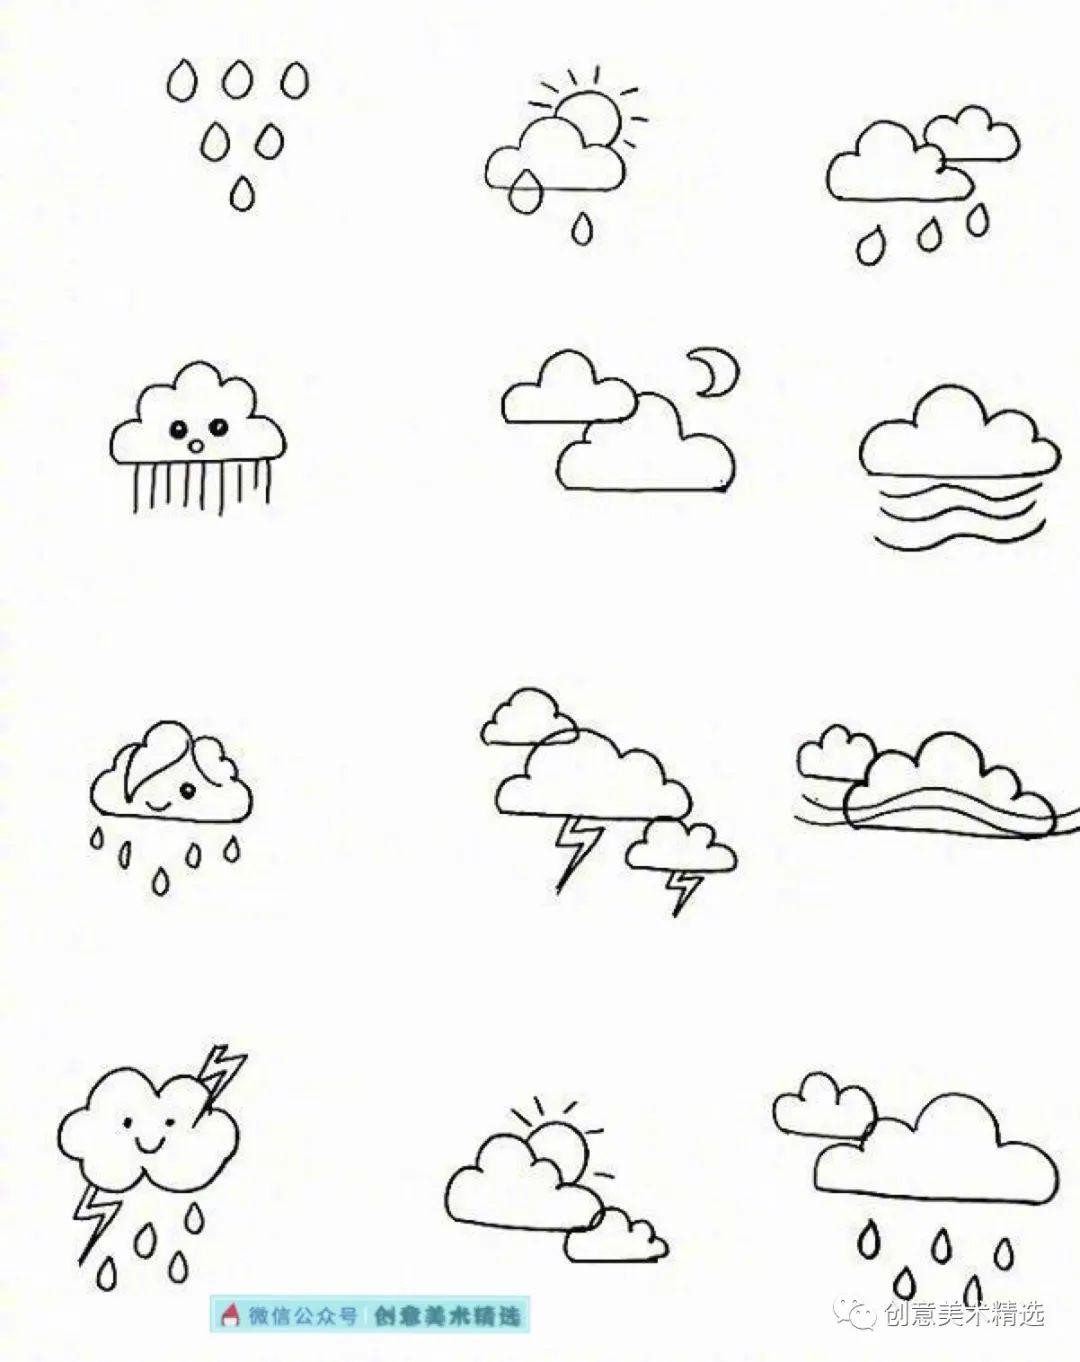 天气简笔画图片大全集 天气素材简笔画简单又可爱